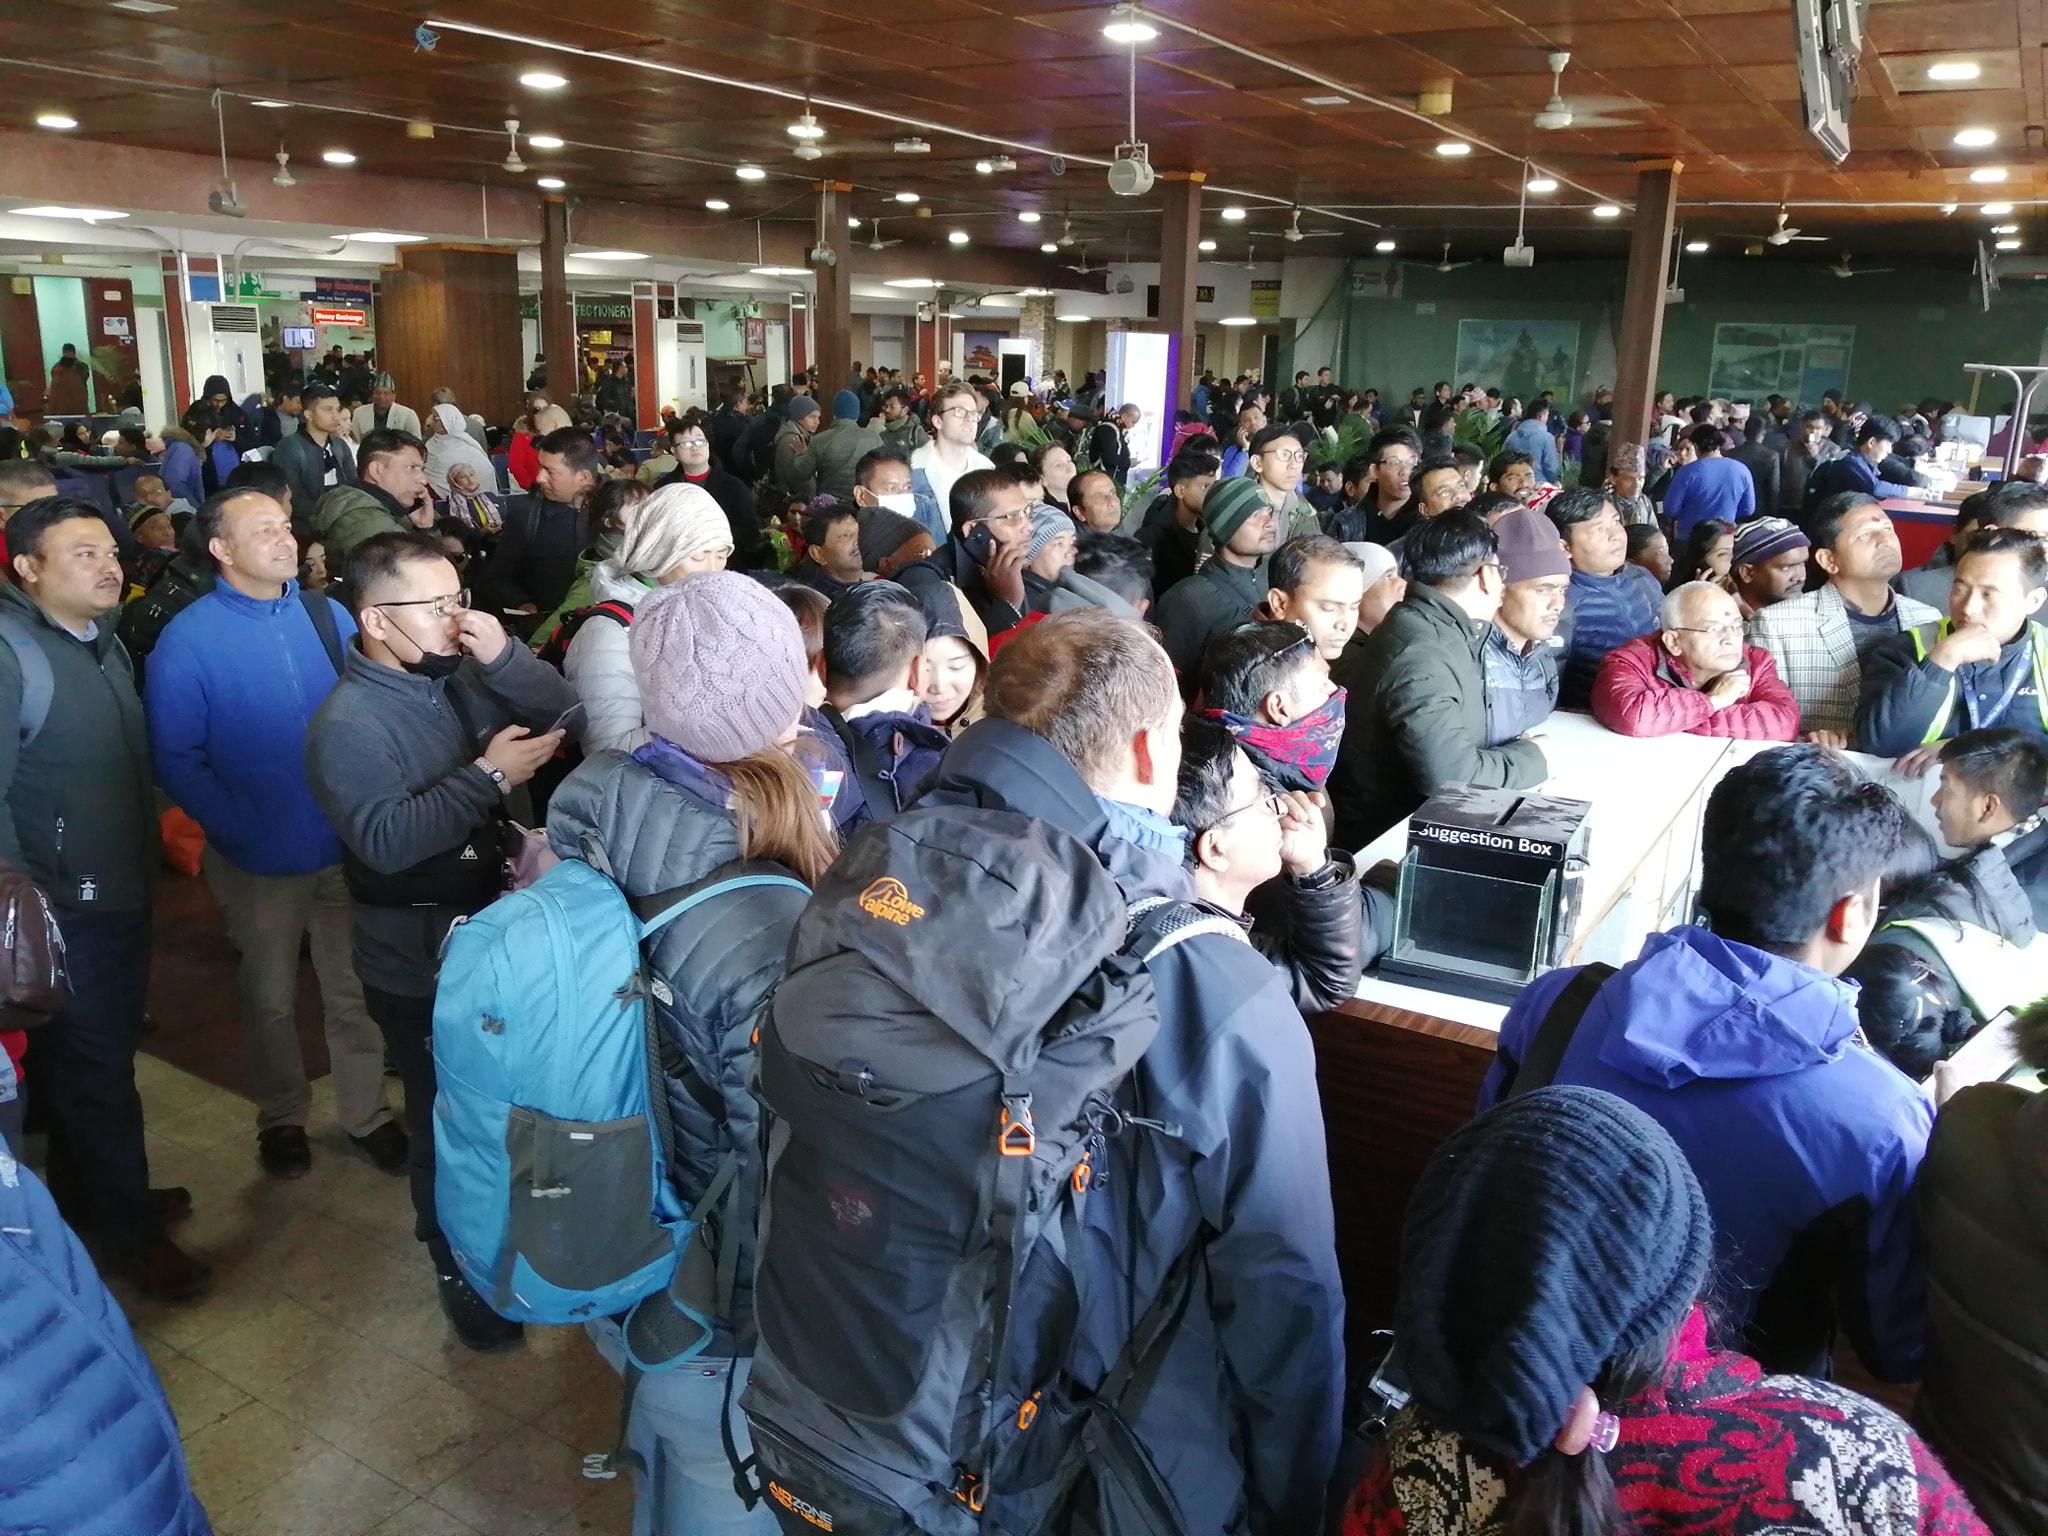 नेपाल अध्यागमन विभागले ५३ जना बिदेशी पर्यटकहरुलाई फिर्ता पठायो ।